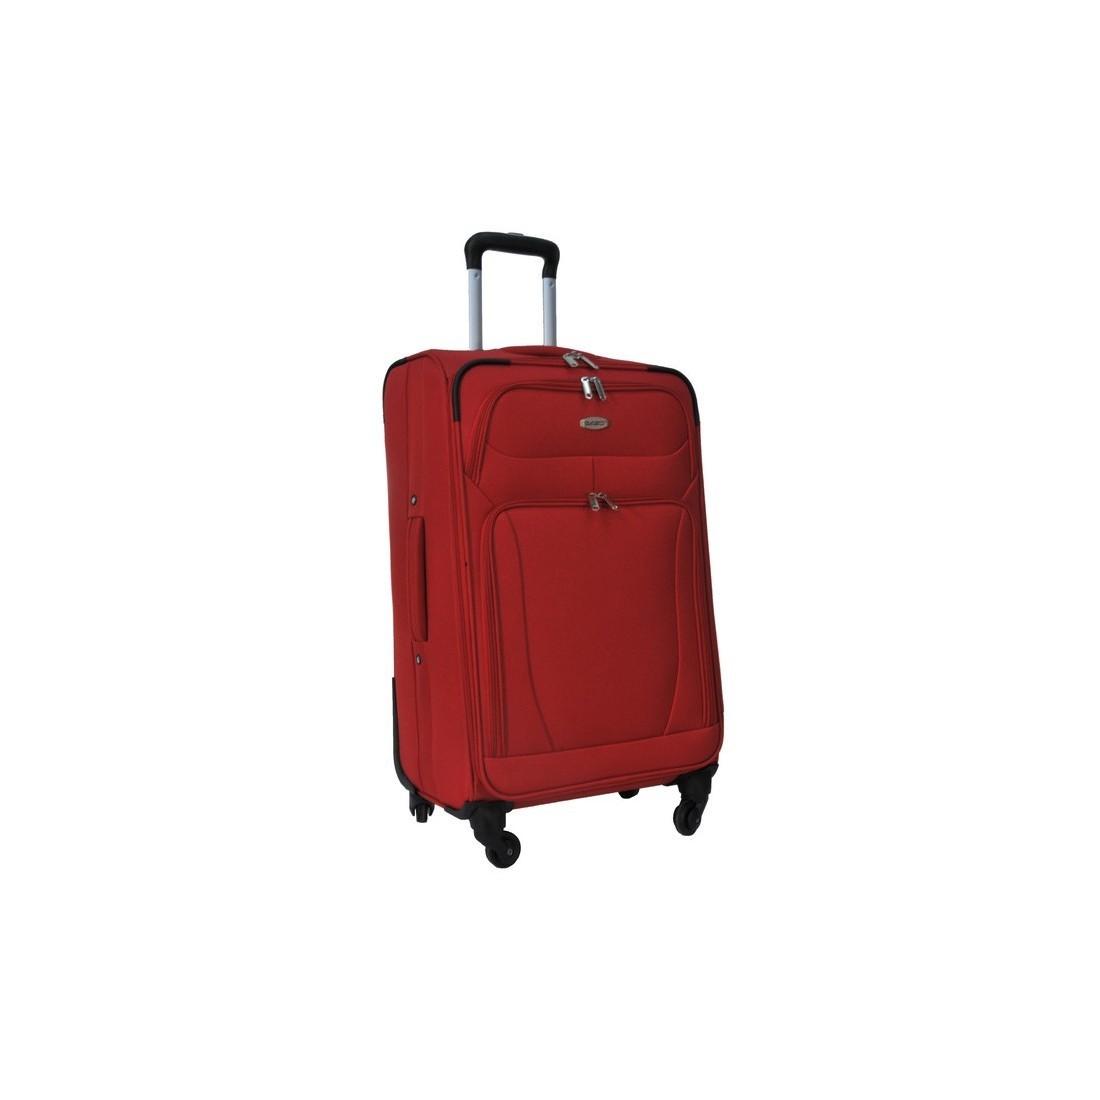 Walizka średnia czerwona Premium - plecak-tornister.pl